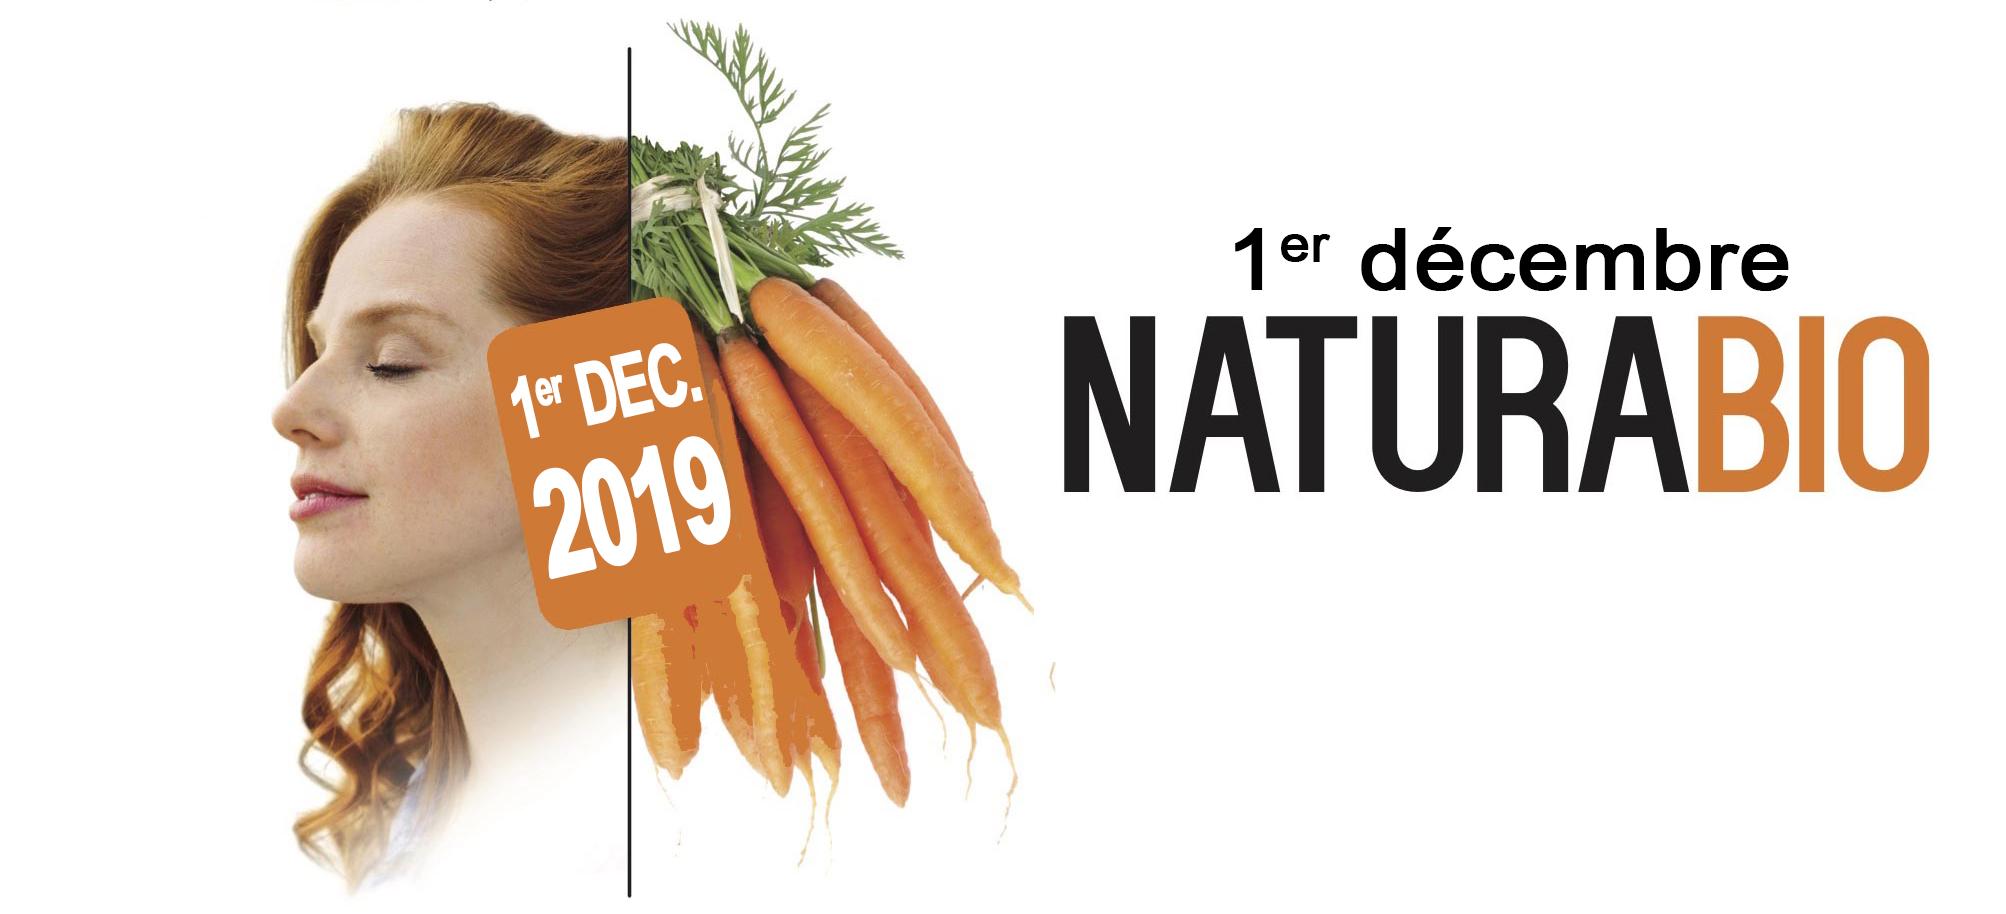 Salon Naturabio : Tout savoir sur la naturopathie le 1er décembre 2019